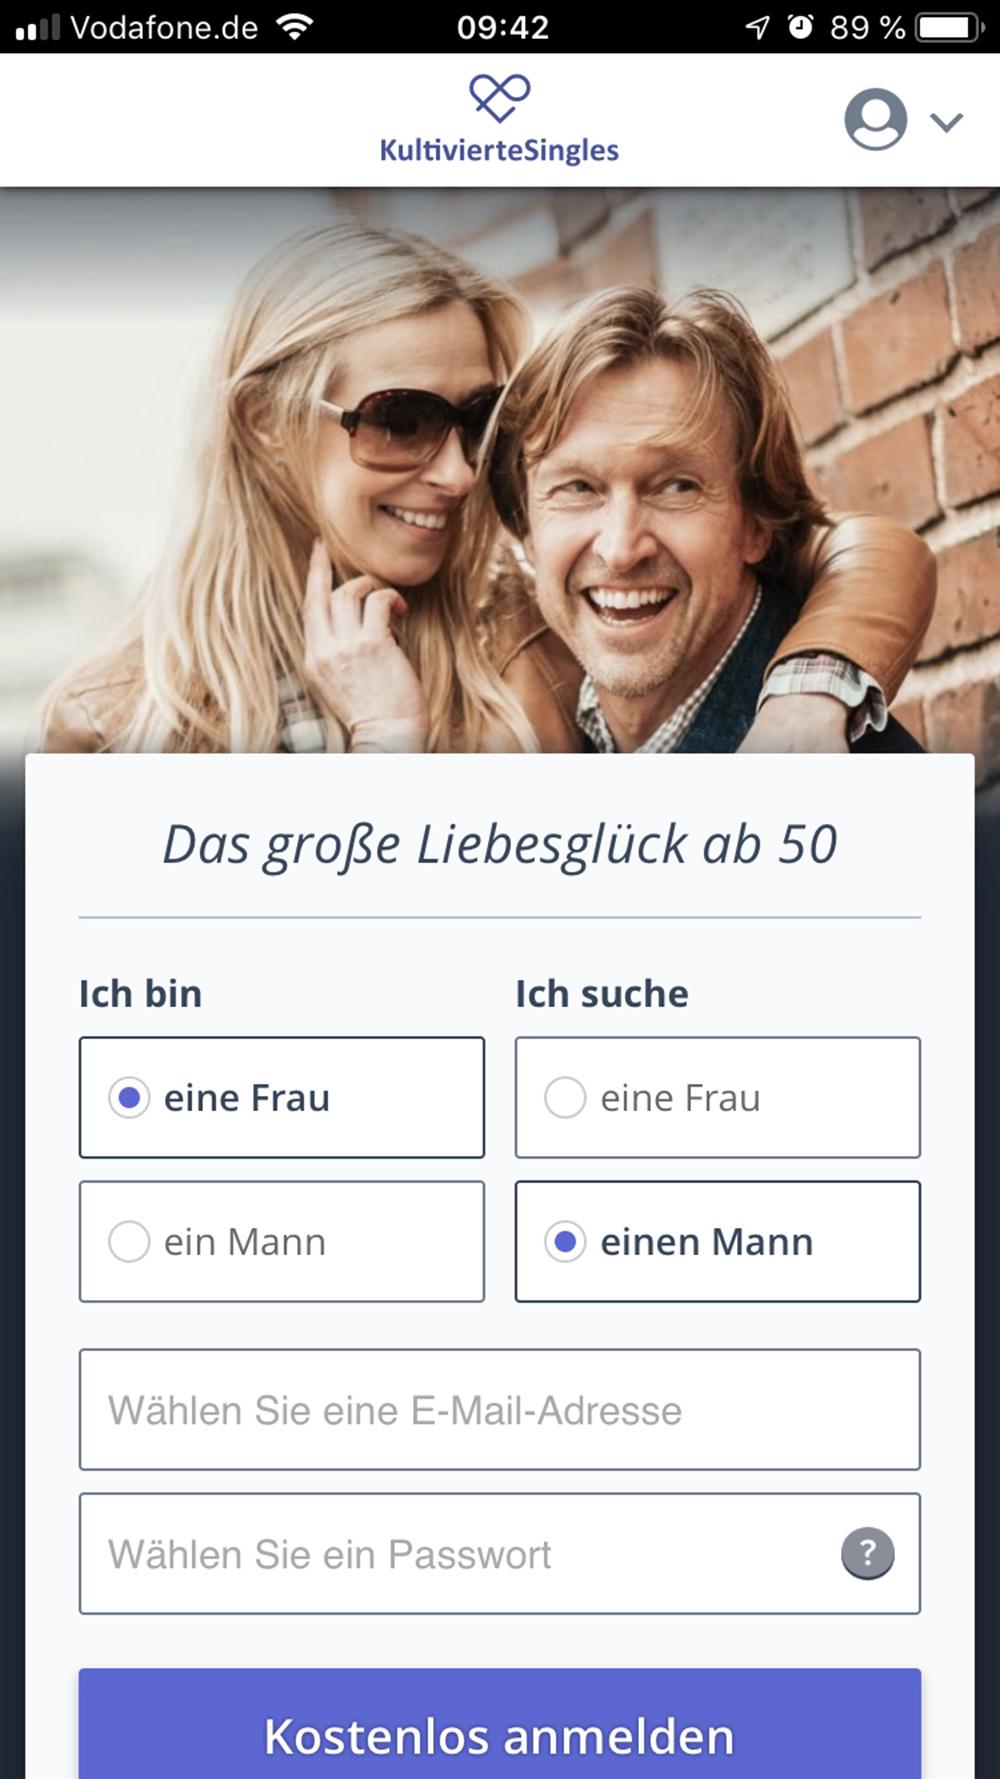 Partnersuche in Wien - Kontaktanzeigen und Singles ab 50